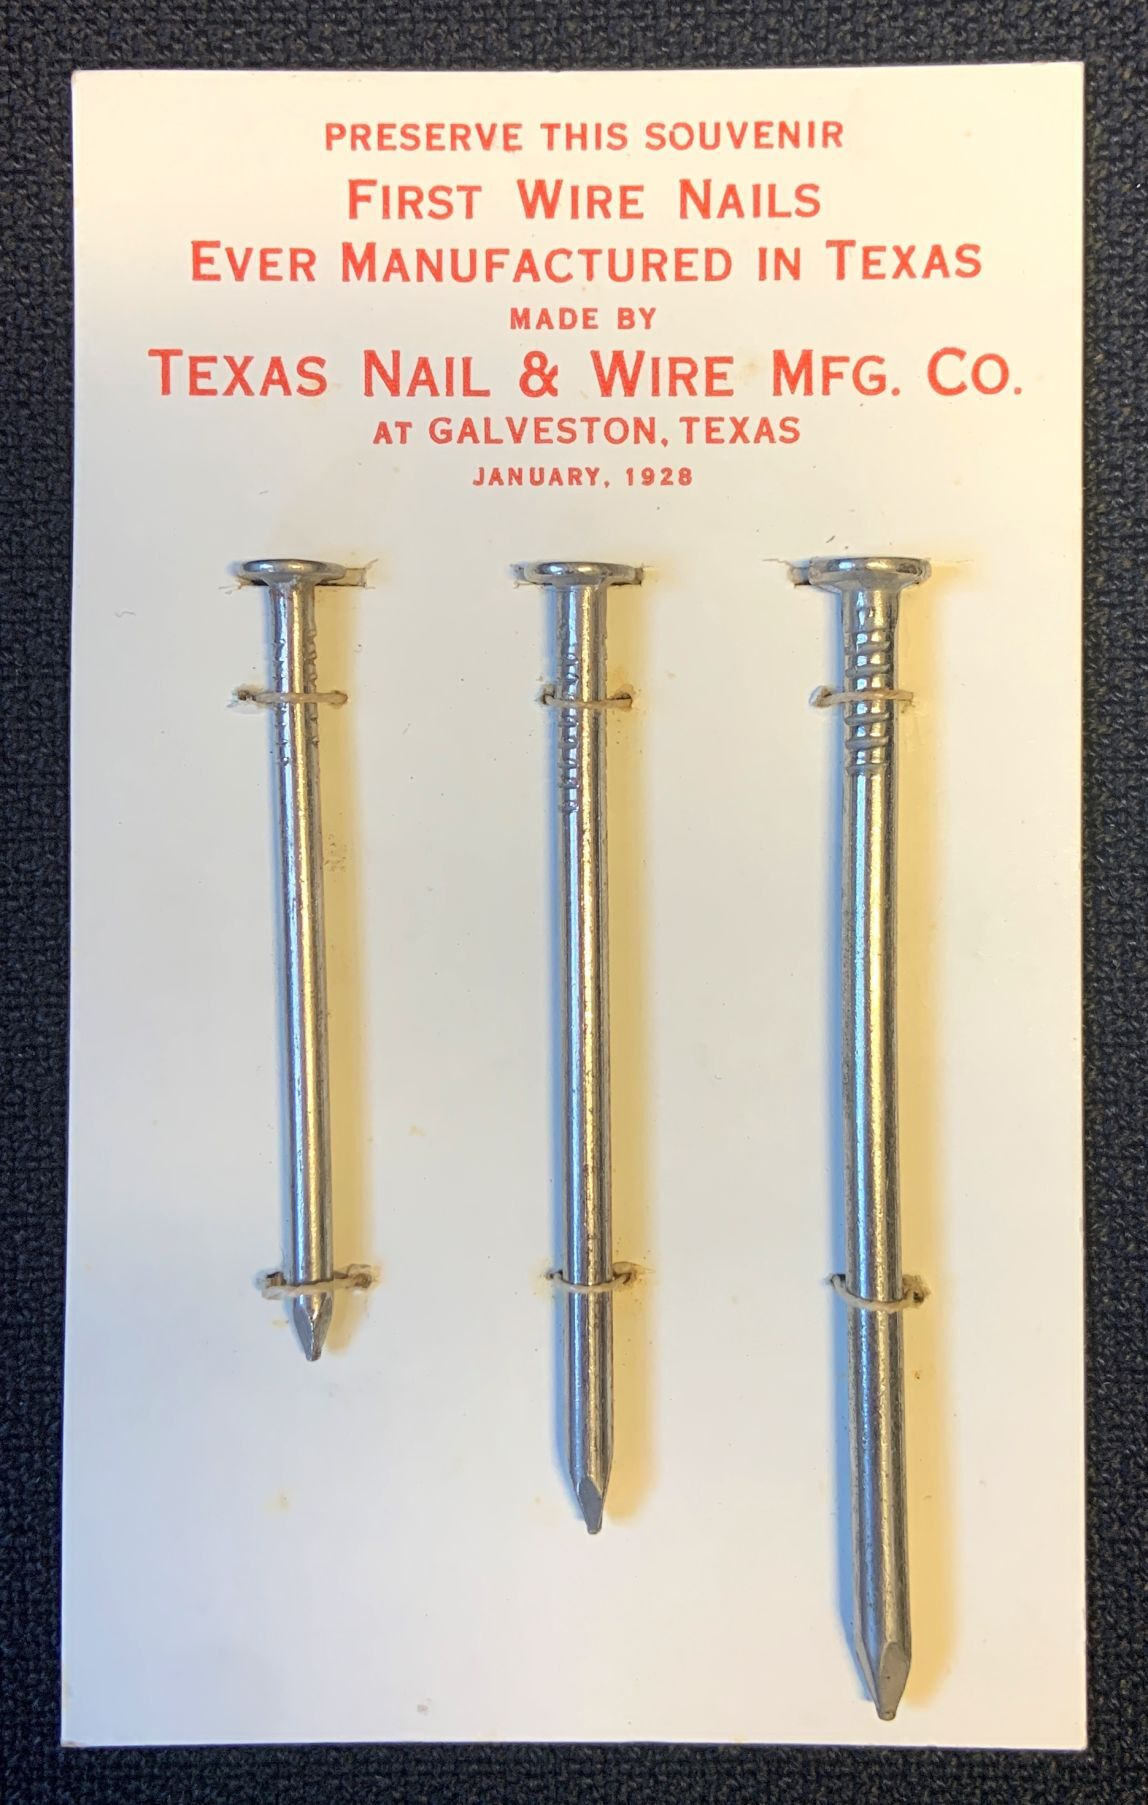 Souvenir nails